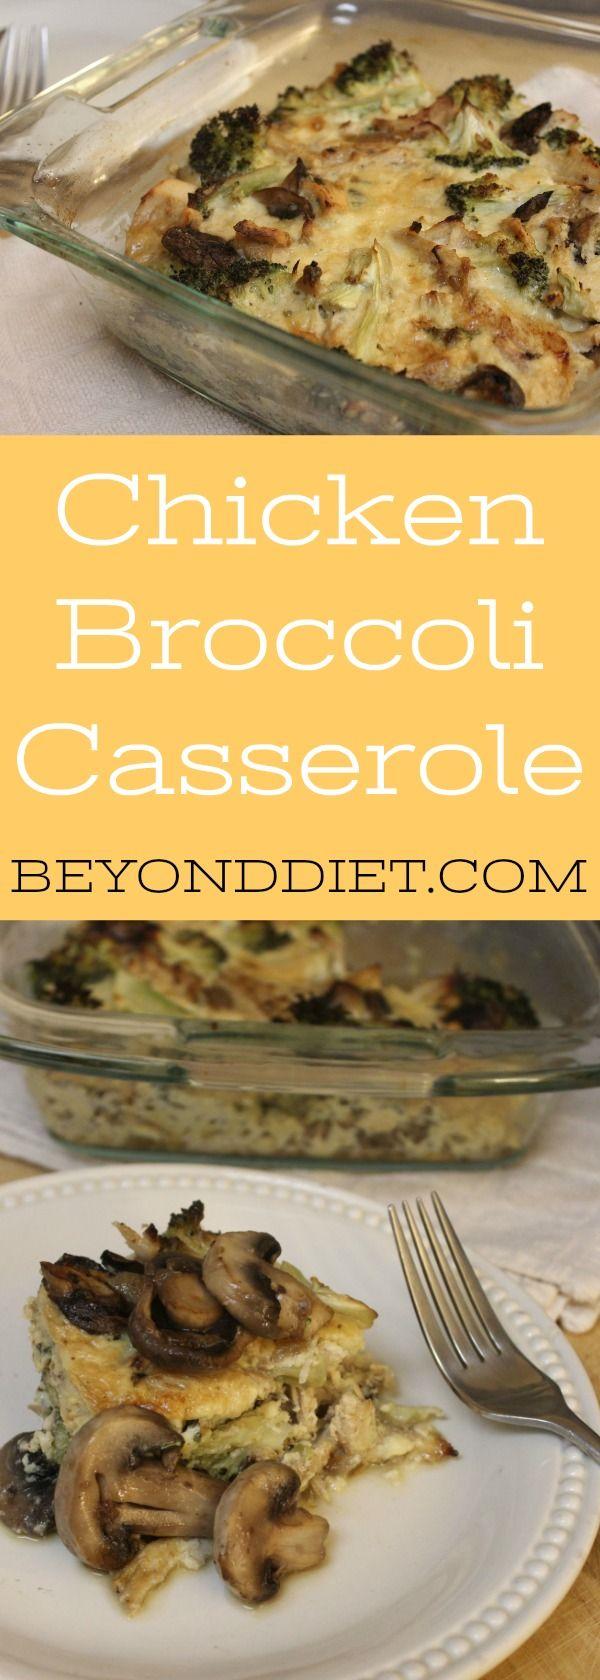 Chicken Broccoli Casserole | Beyond Diet Recipe